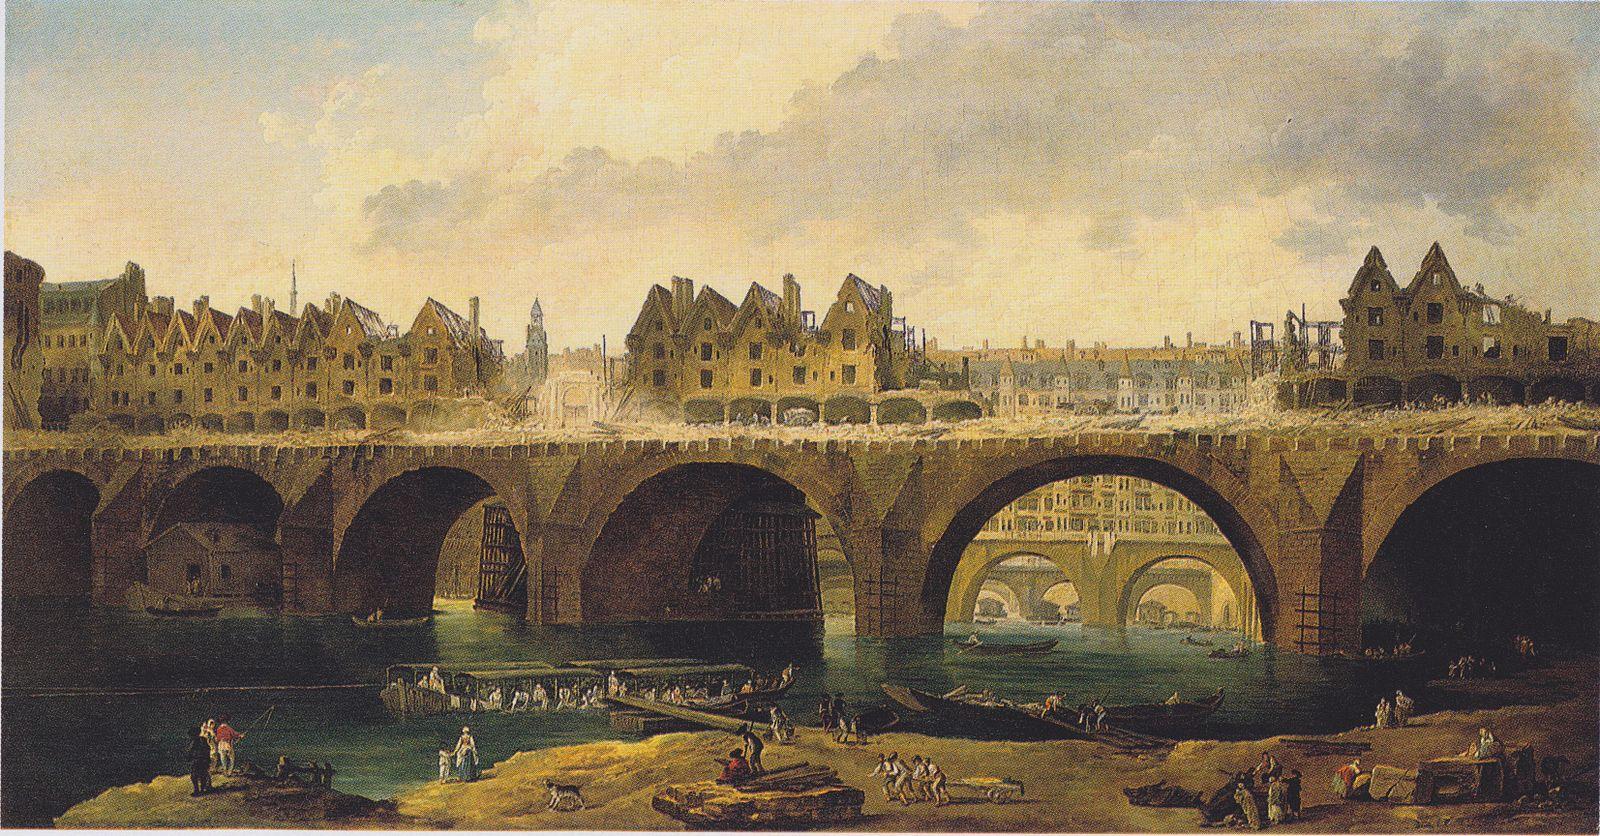 Hubert Robert, La démolition des maisons du pont Notre-Dame. Huile sur toile, vers 1786, collection Staatliche Kunsthalle Karlsruhe